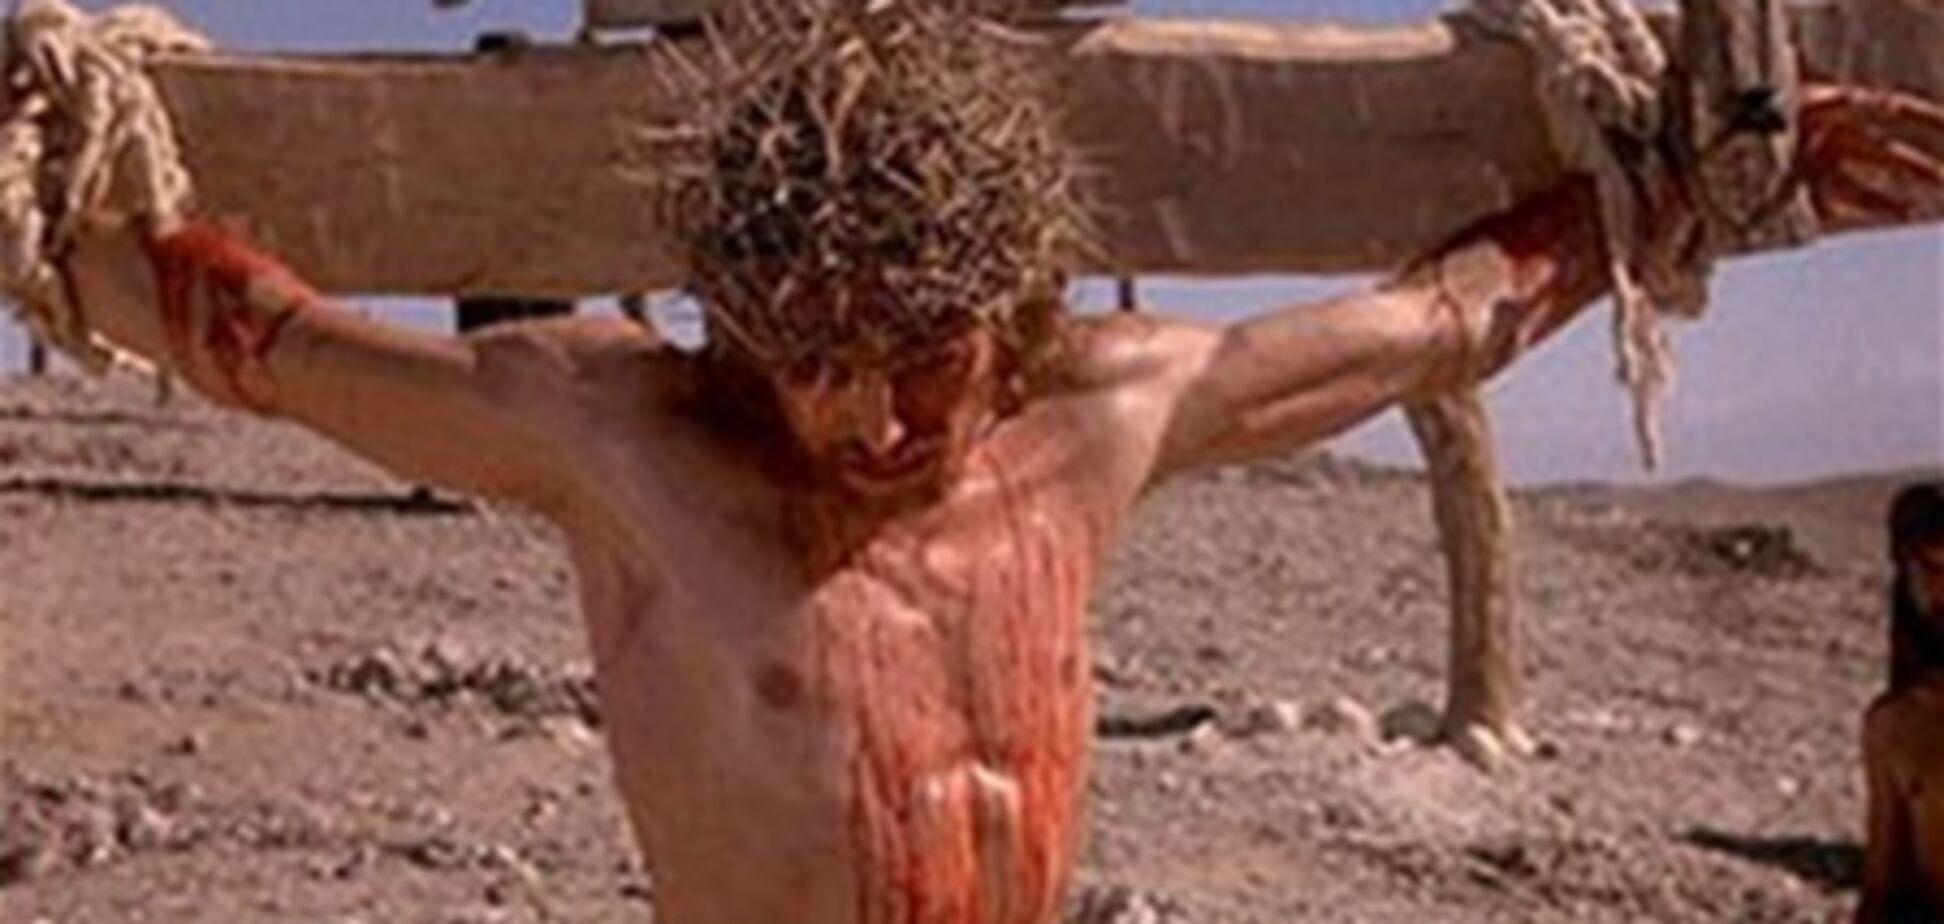 У Росії визнали екстремістським фільм Скорсезе 'Остання спокуса Христа'